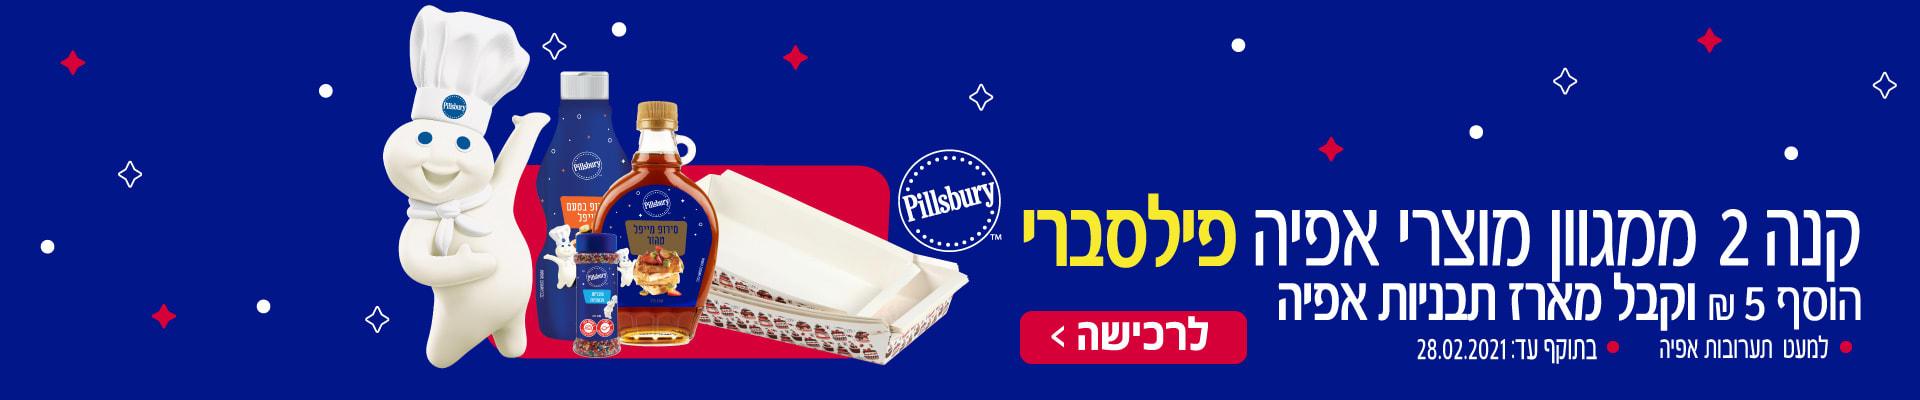 קנה 2 ממגוון מוצרי אפיה פילסברי הוסף 5 ₪ וקבל מארז תבניות אפיה למעט תערובות אפיה בתוקף עד 28.2.2021 לרכישה